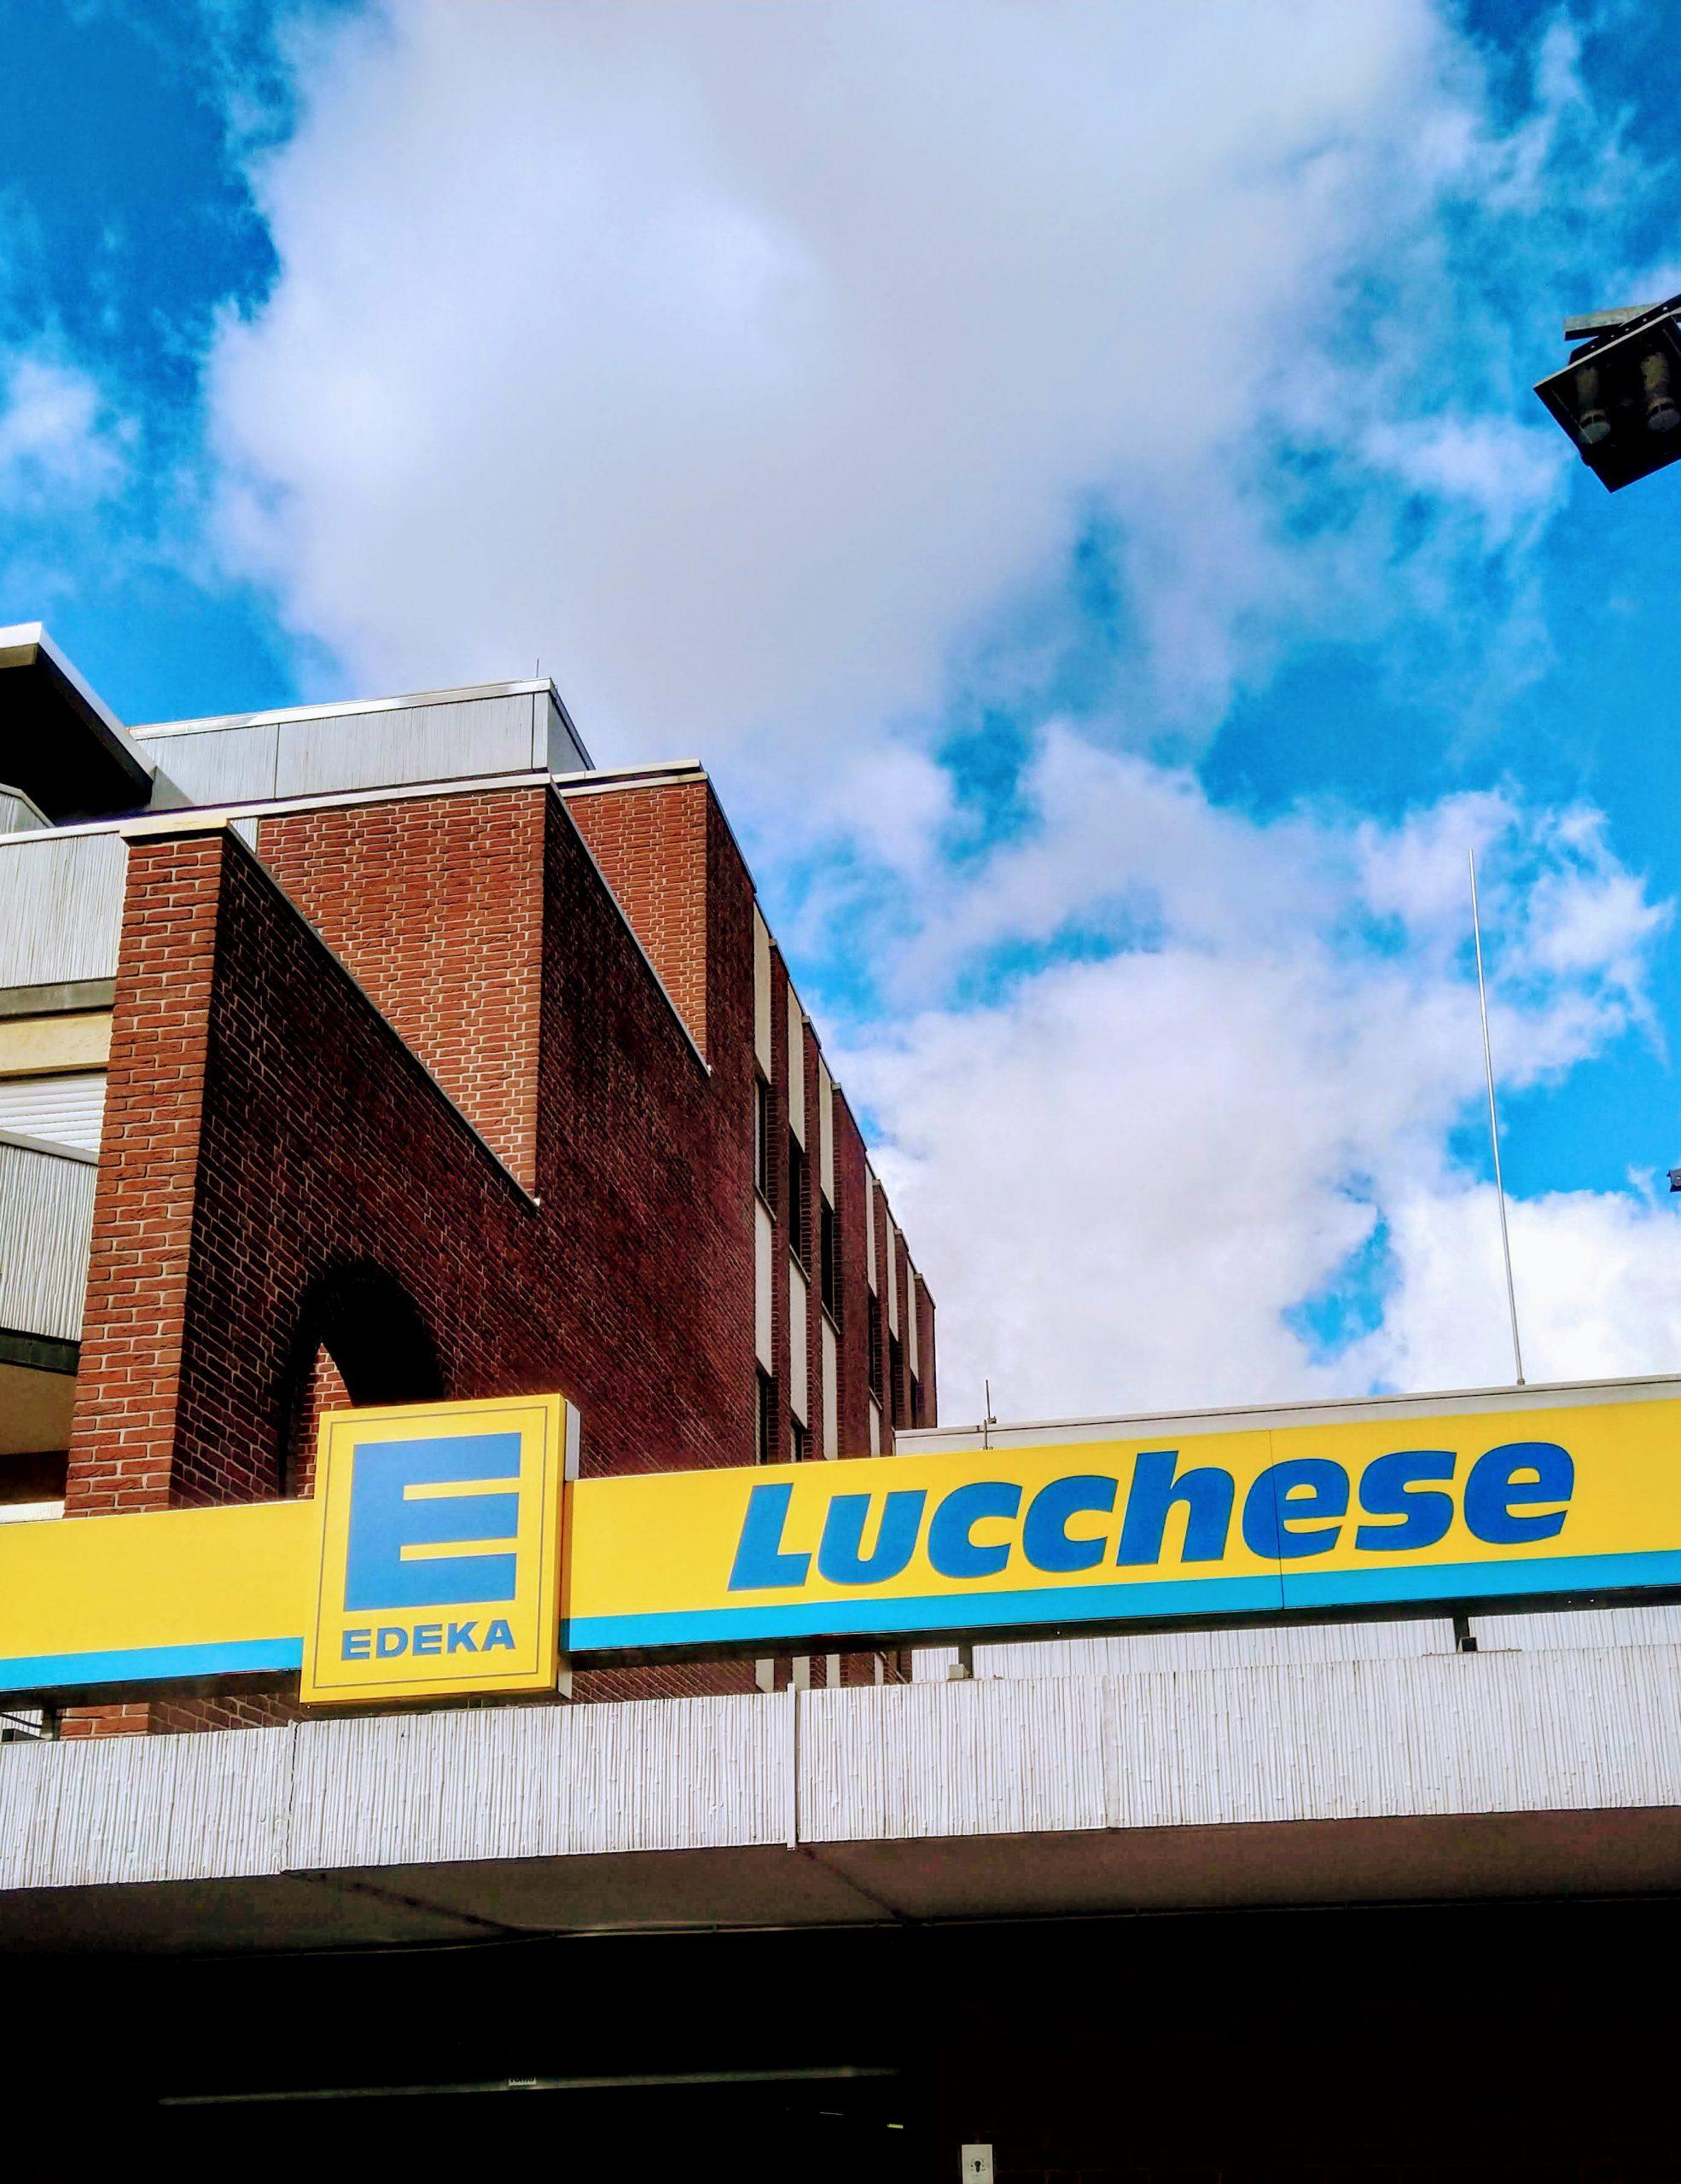 Edeka Lucchese – Bischofsheim